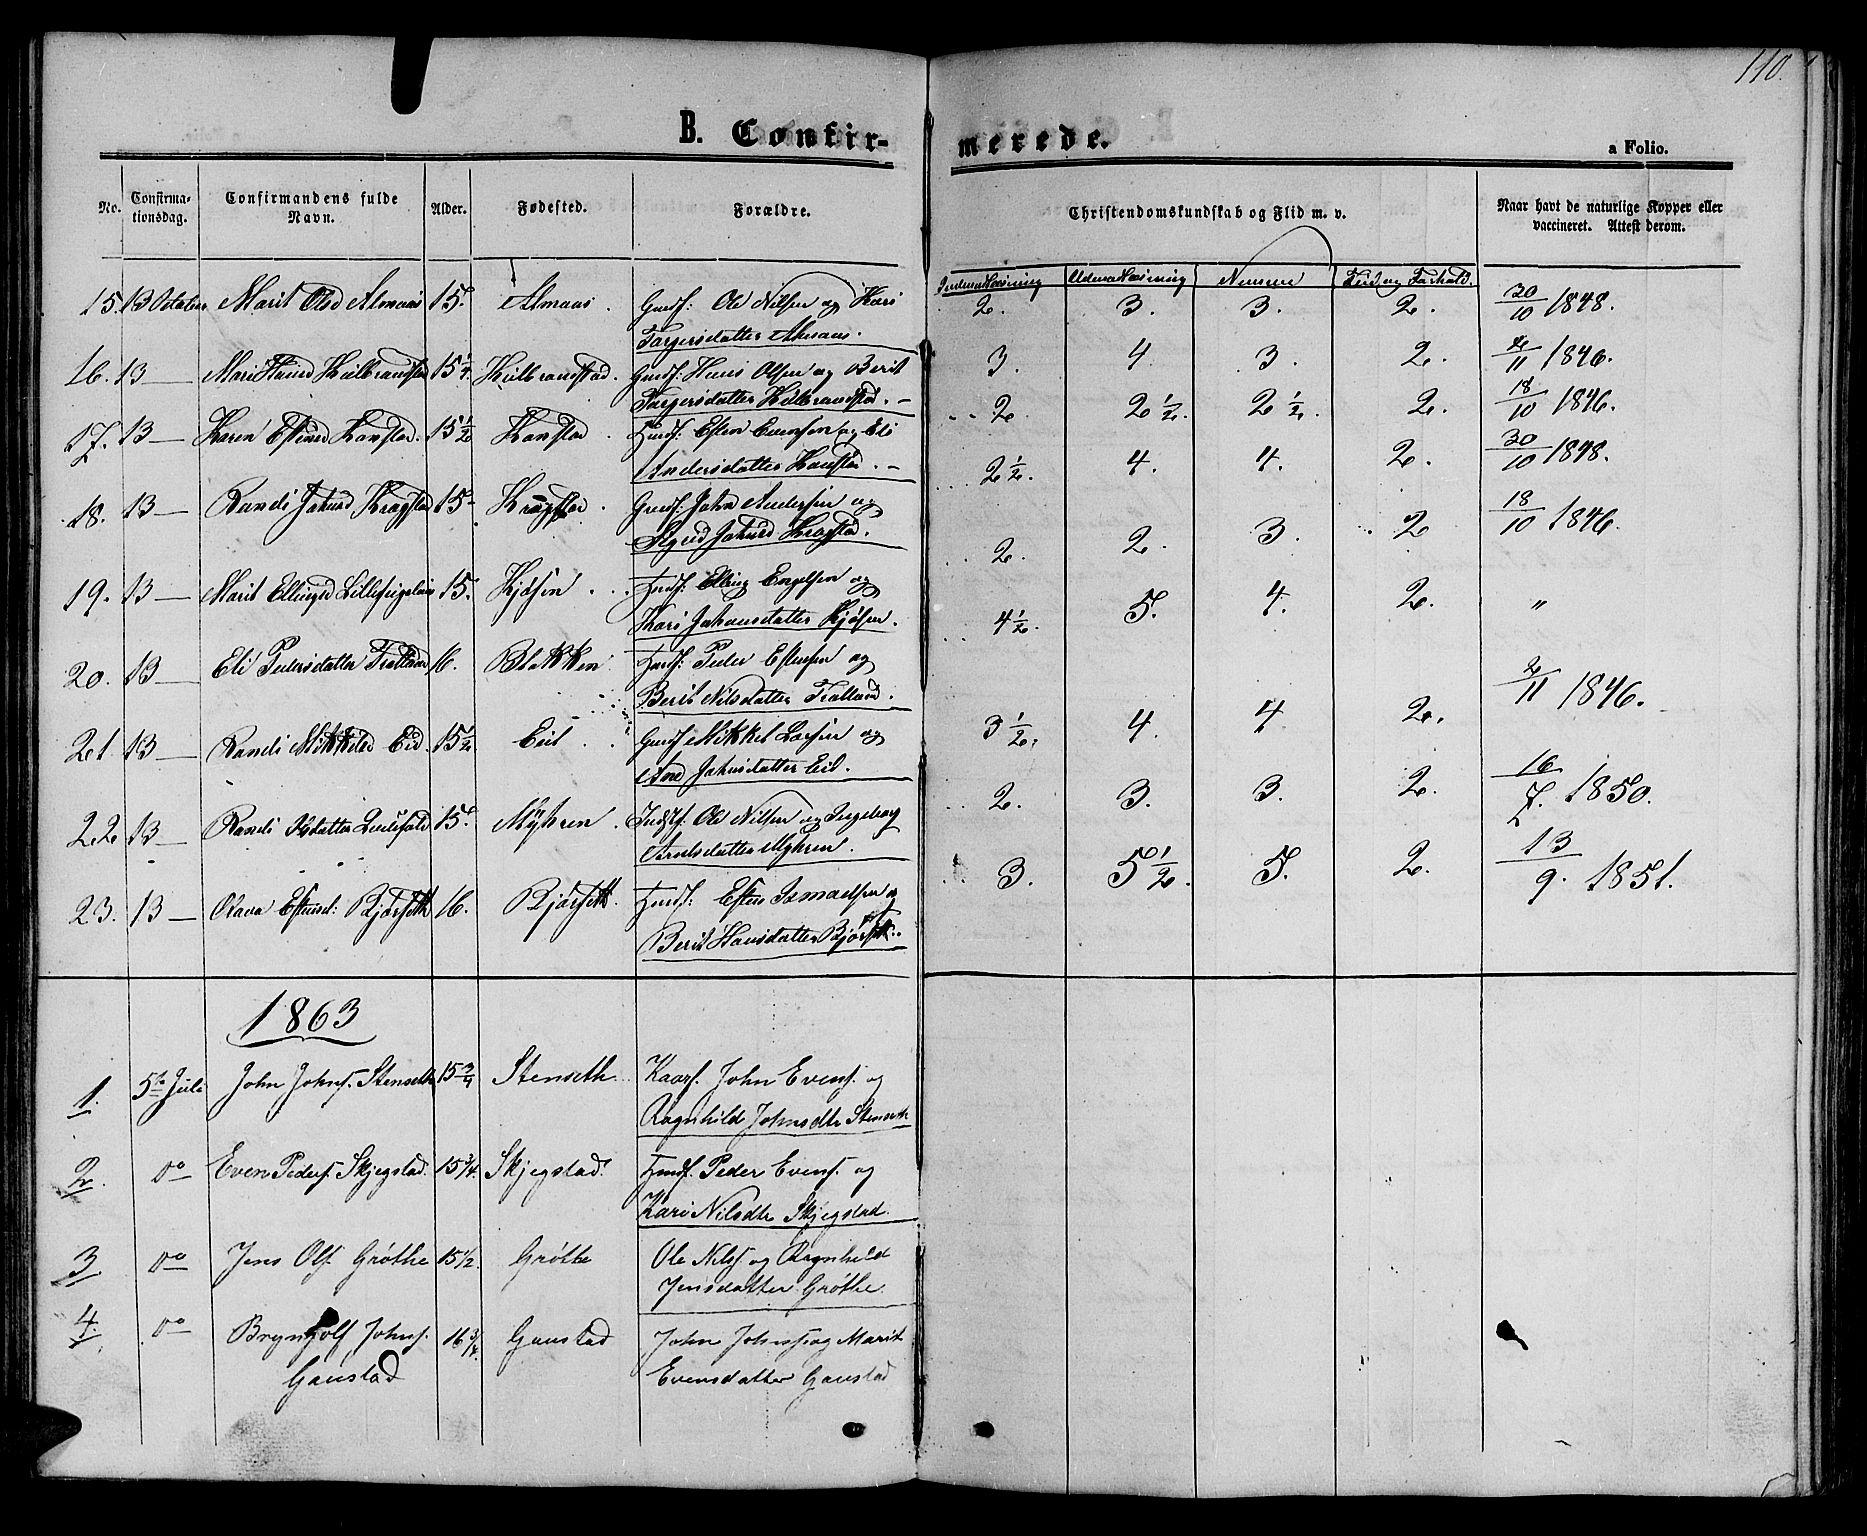 SAT, Ministerialprotokoller, klokkerbøker og fødselsregistre - Sør-Trøndelag, 694/L1131: Klokkerbok nr. 694C03, 1858-1886, s. 110